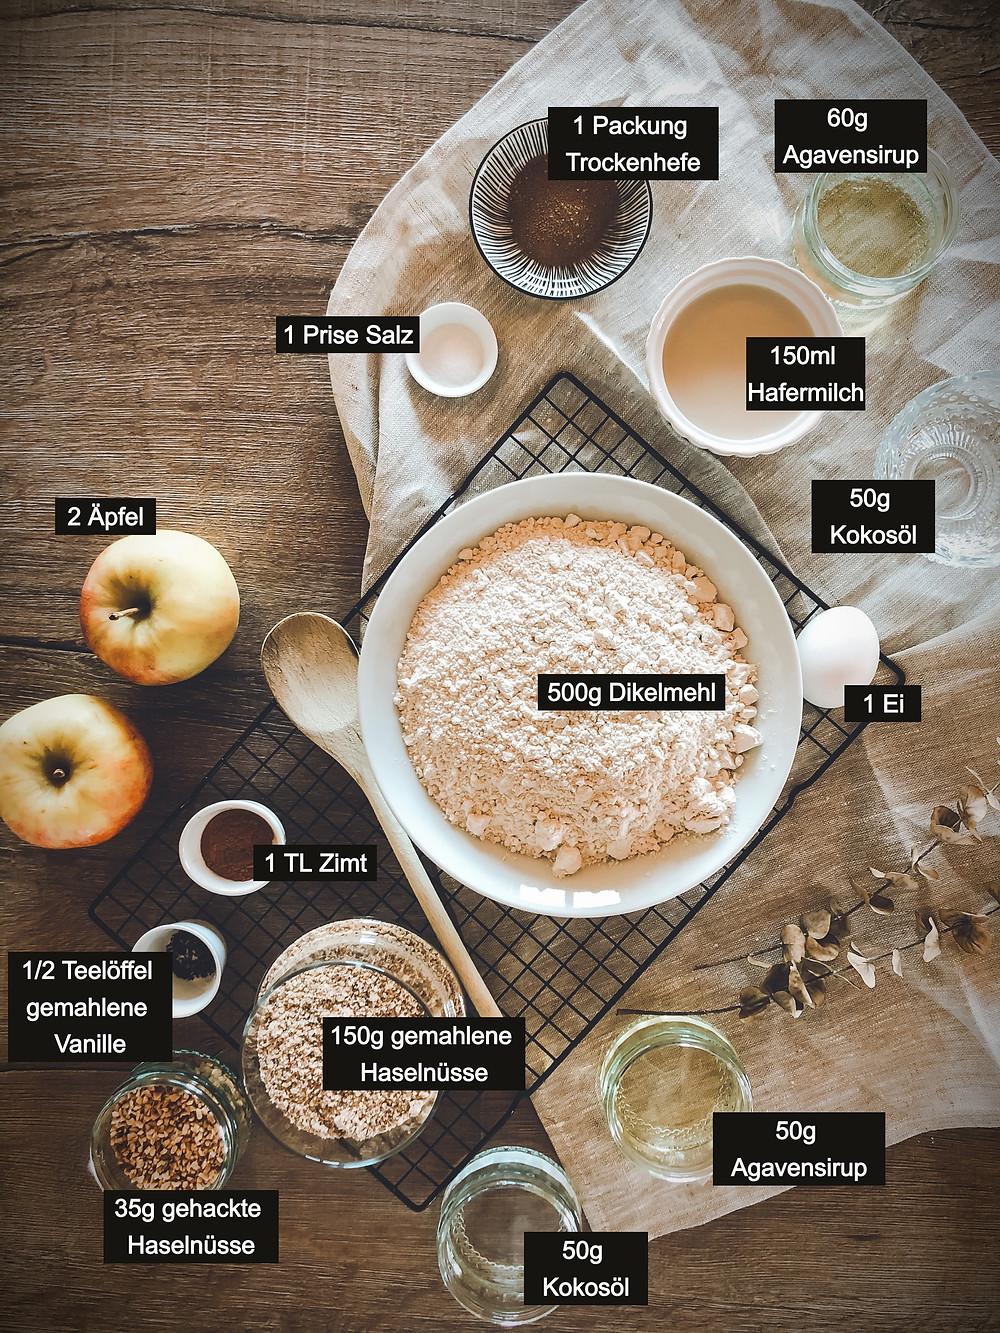 focusflowfood focus flow food Haselnuss Apfel Zimtschnecken Dinkelmehl gesund einfach lecker Rezept